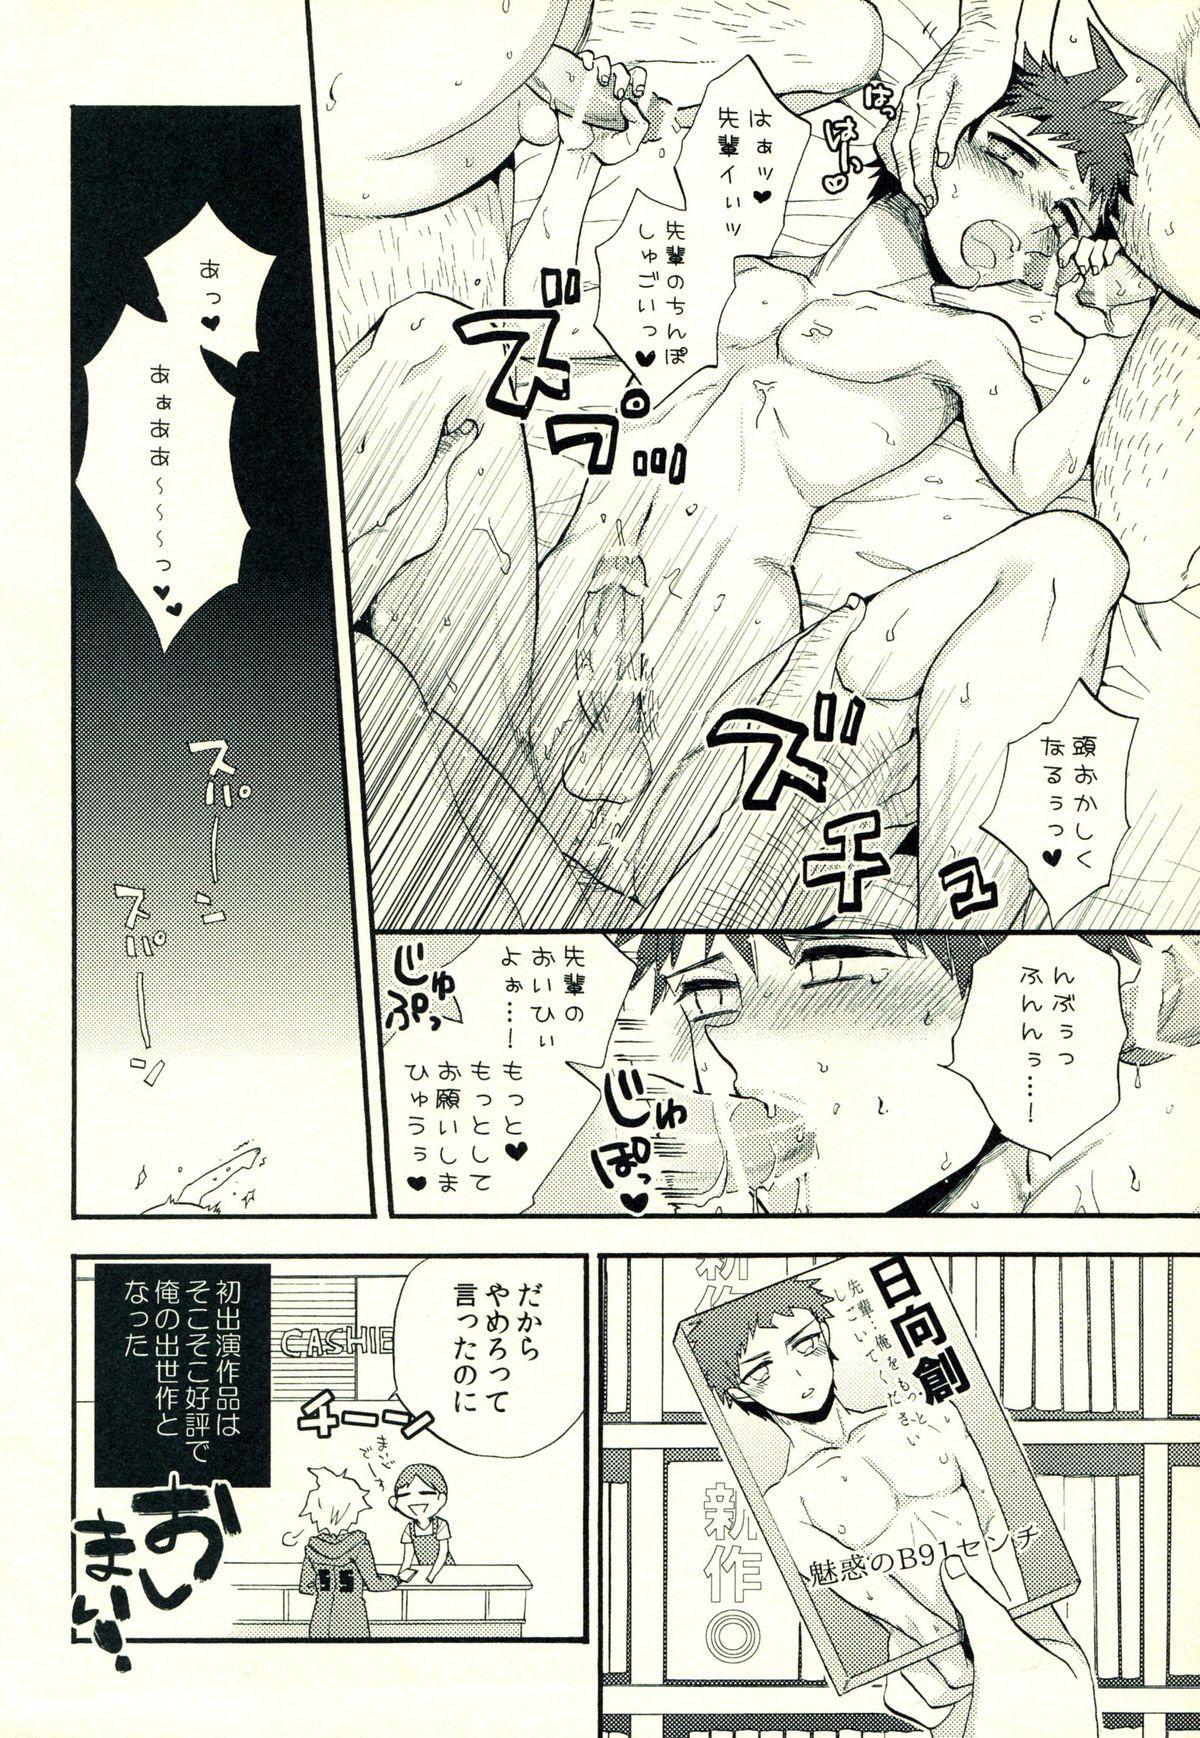 Hinata Hajime no Himitsu no Jikan 16